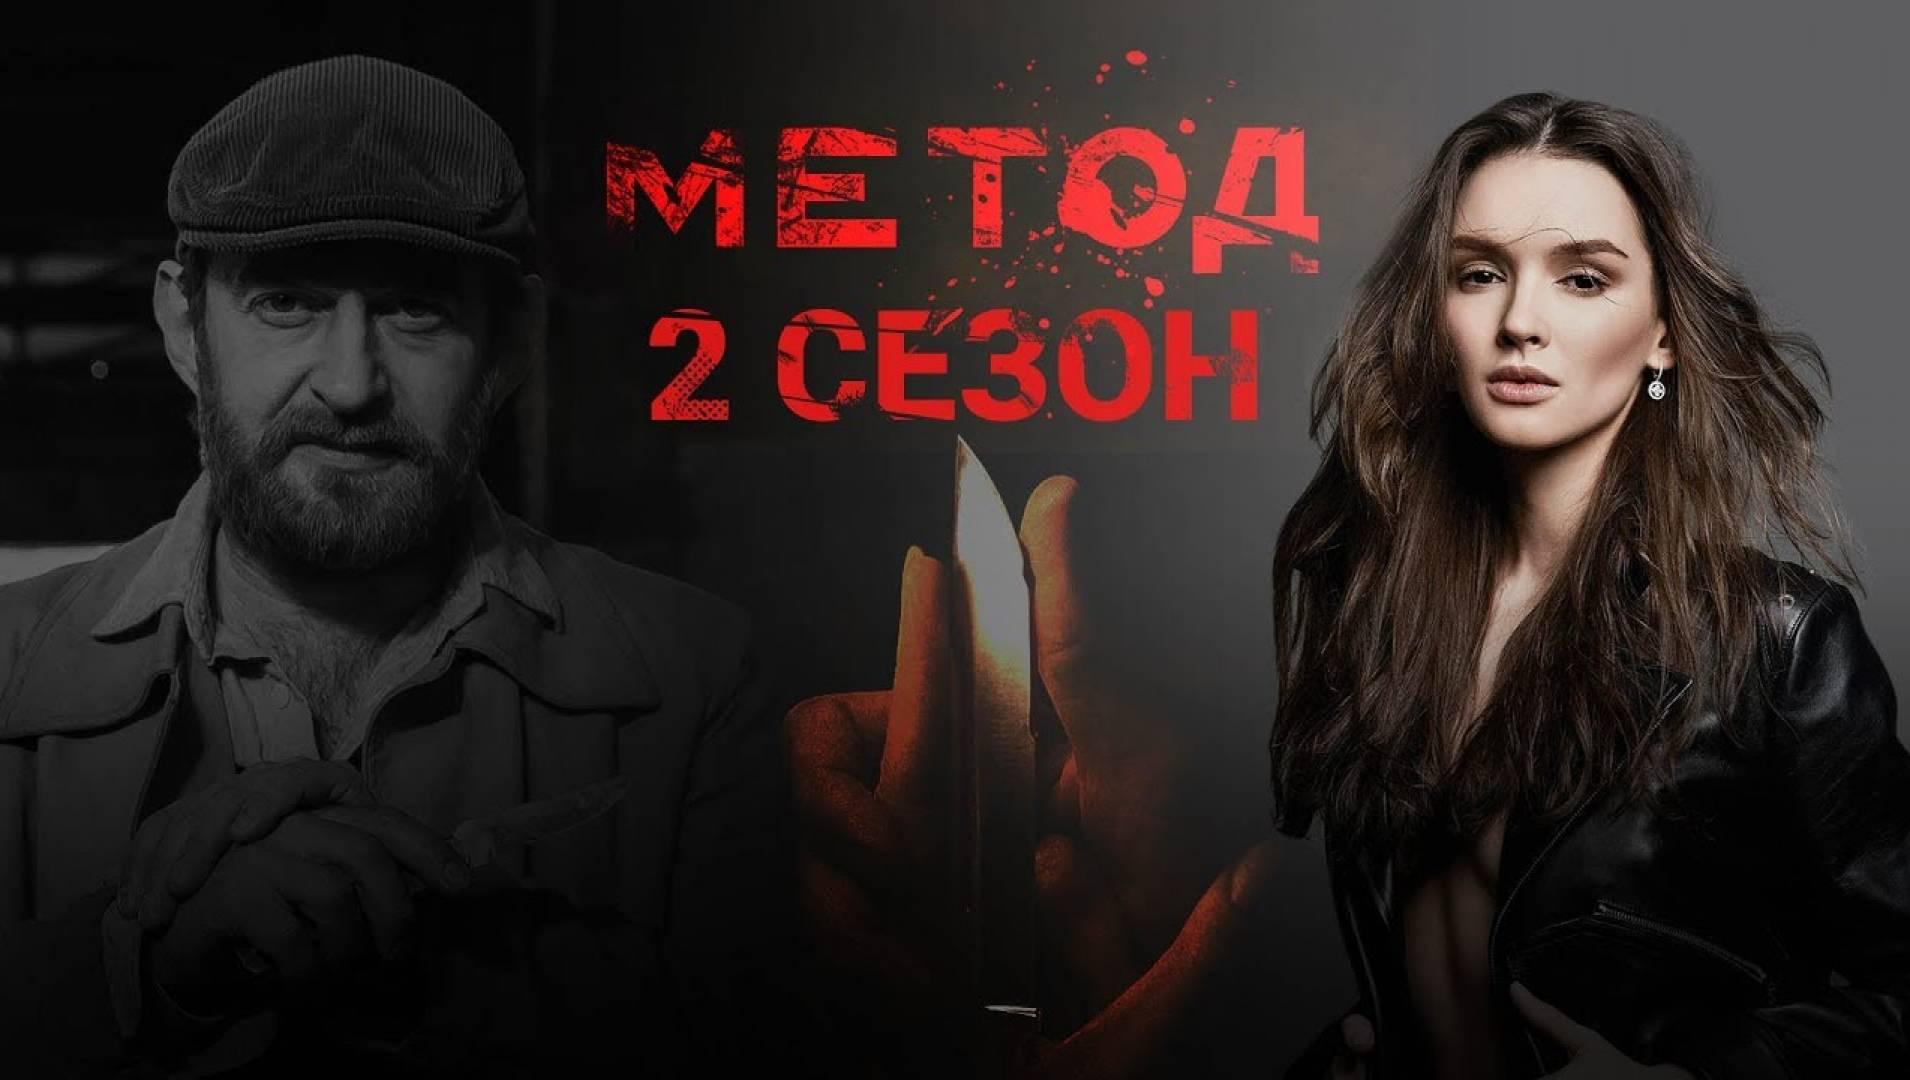 Метод 2 - Драма, Триллер, Детектив, Сериал